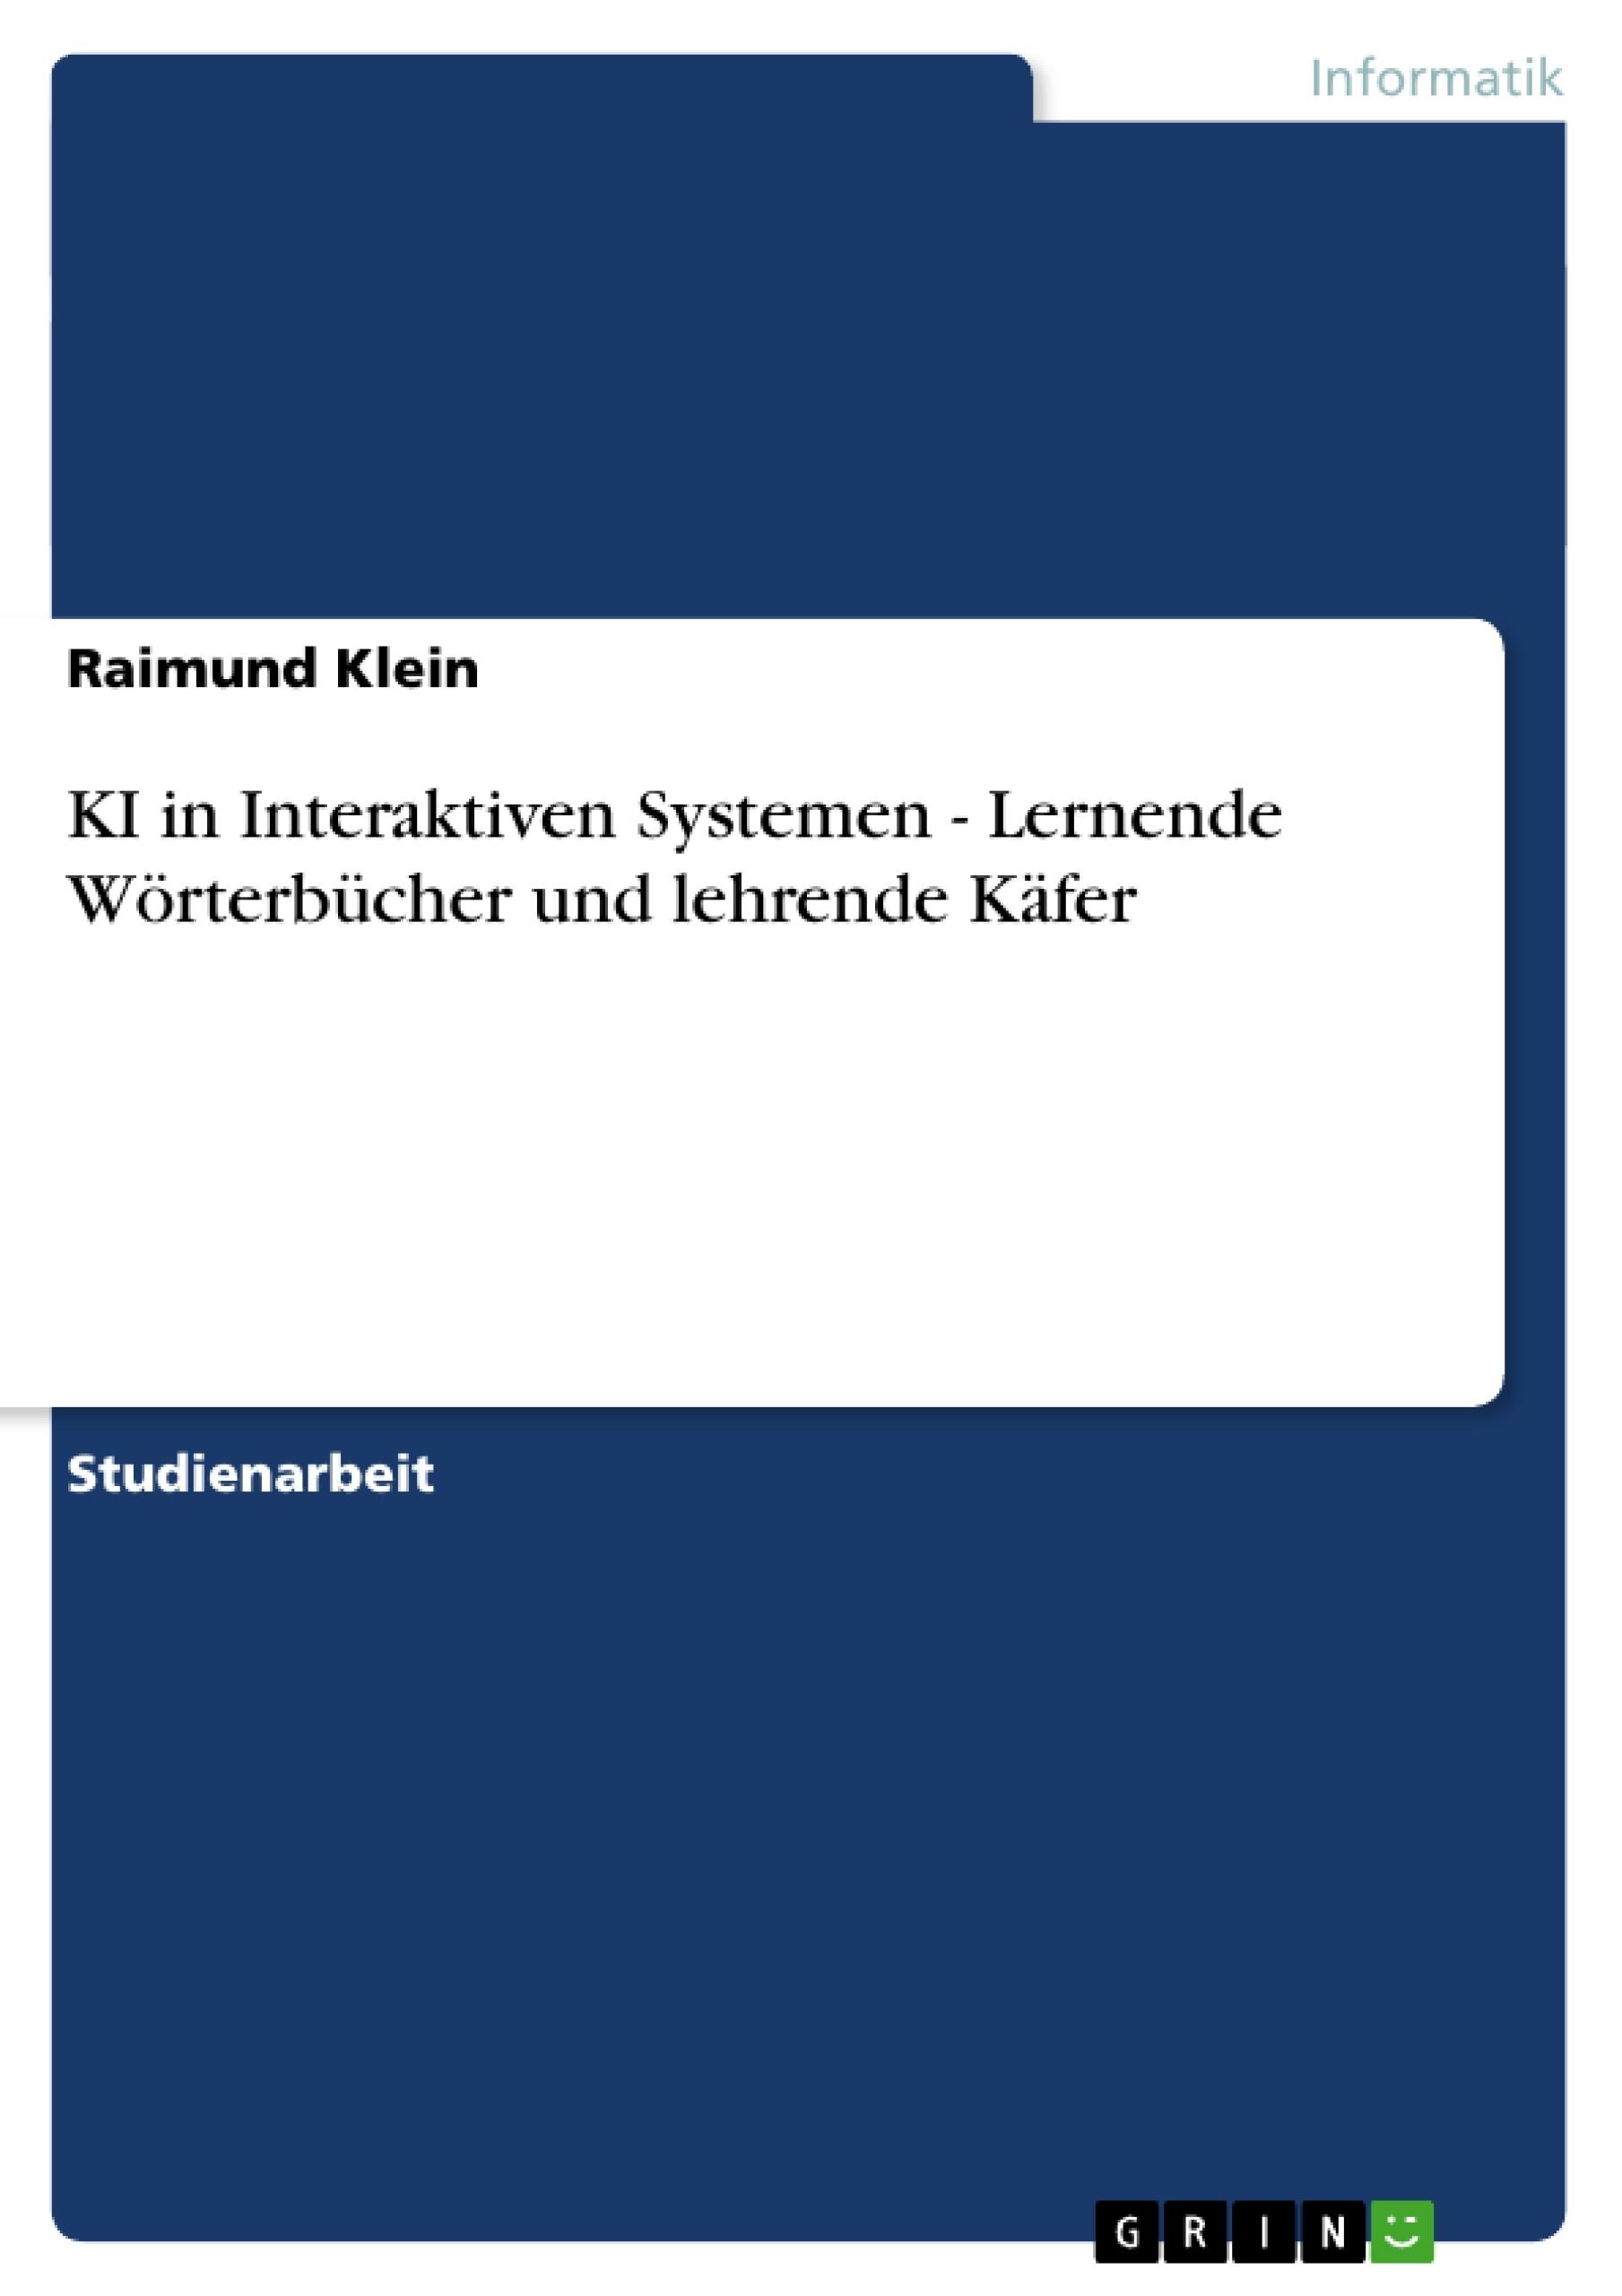 Titel: KI in Interaktiven Systemen - Lernende Wörterbücher und lehrende Käfer